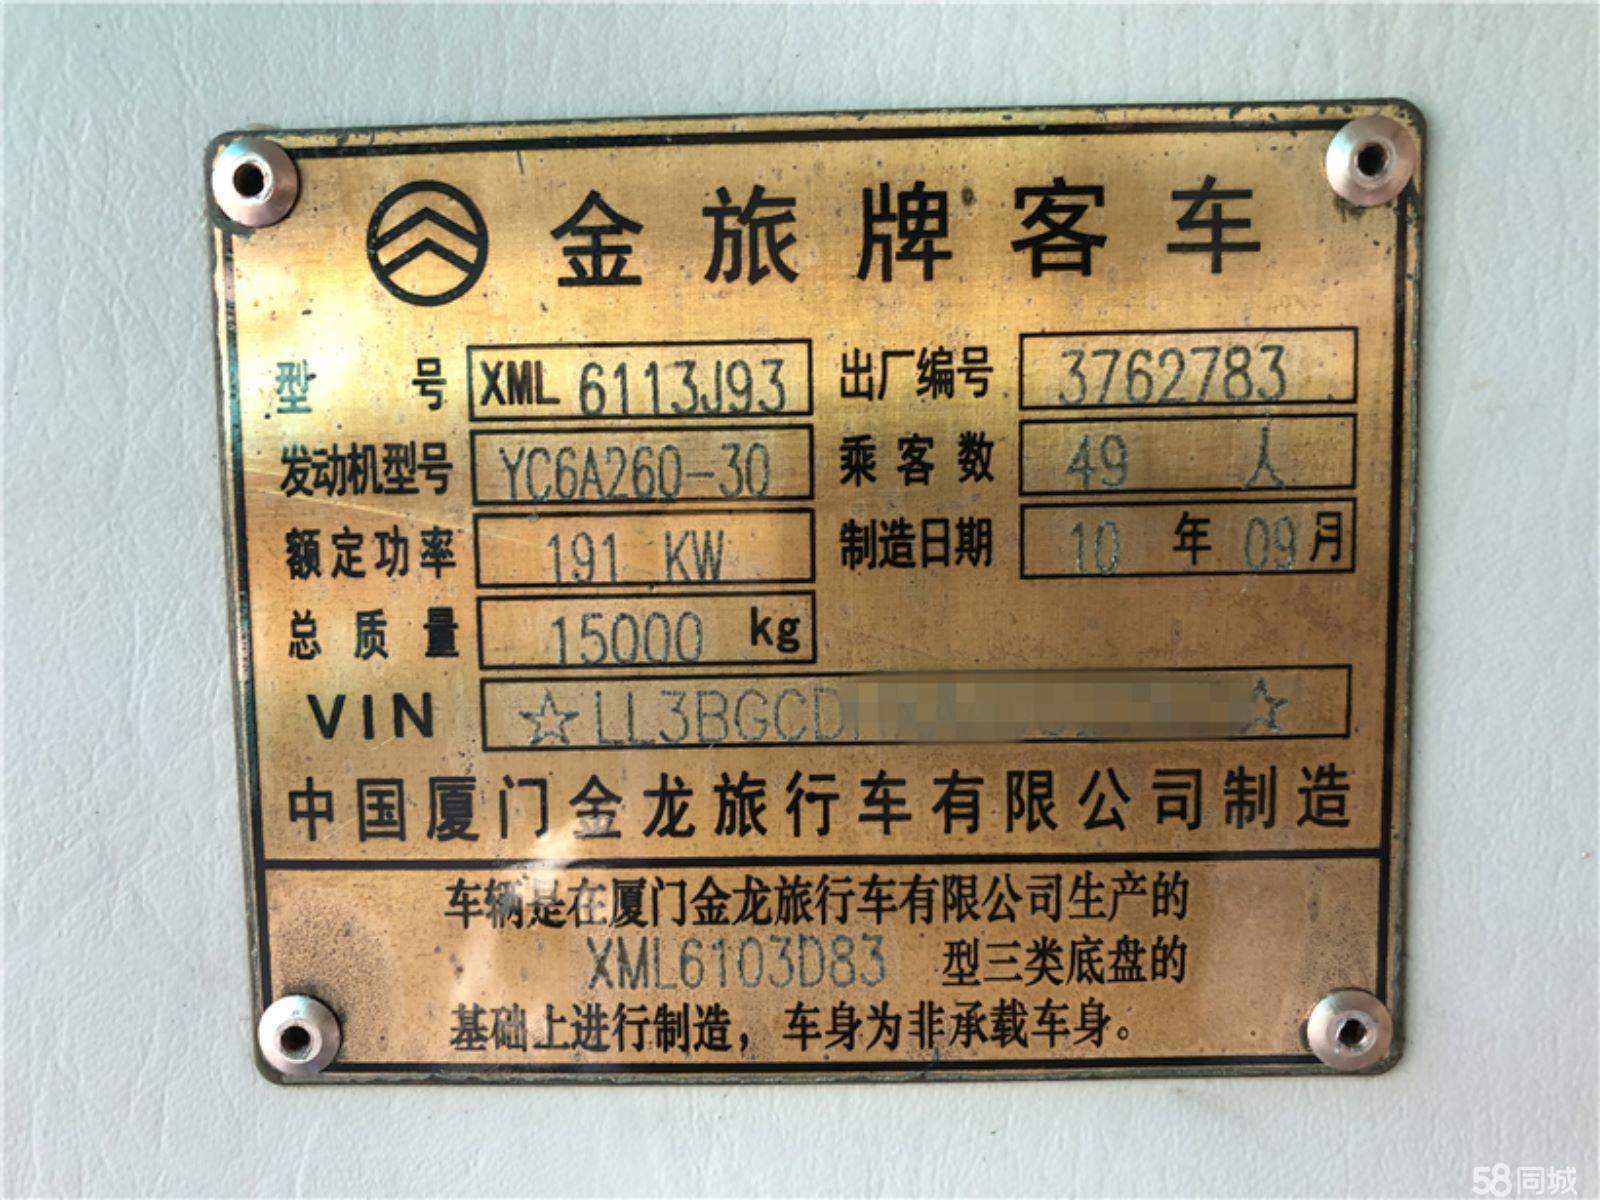 金龙2010年10月份49座金旅